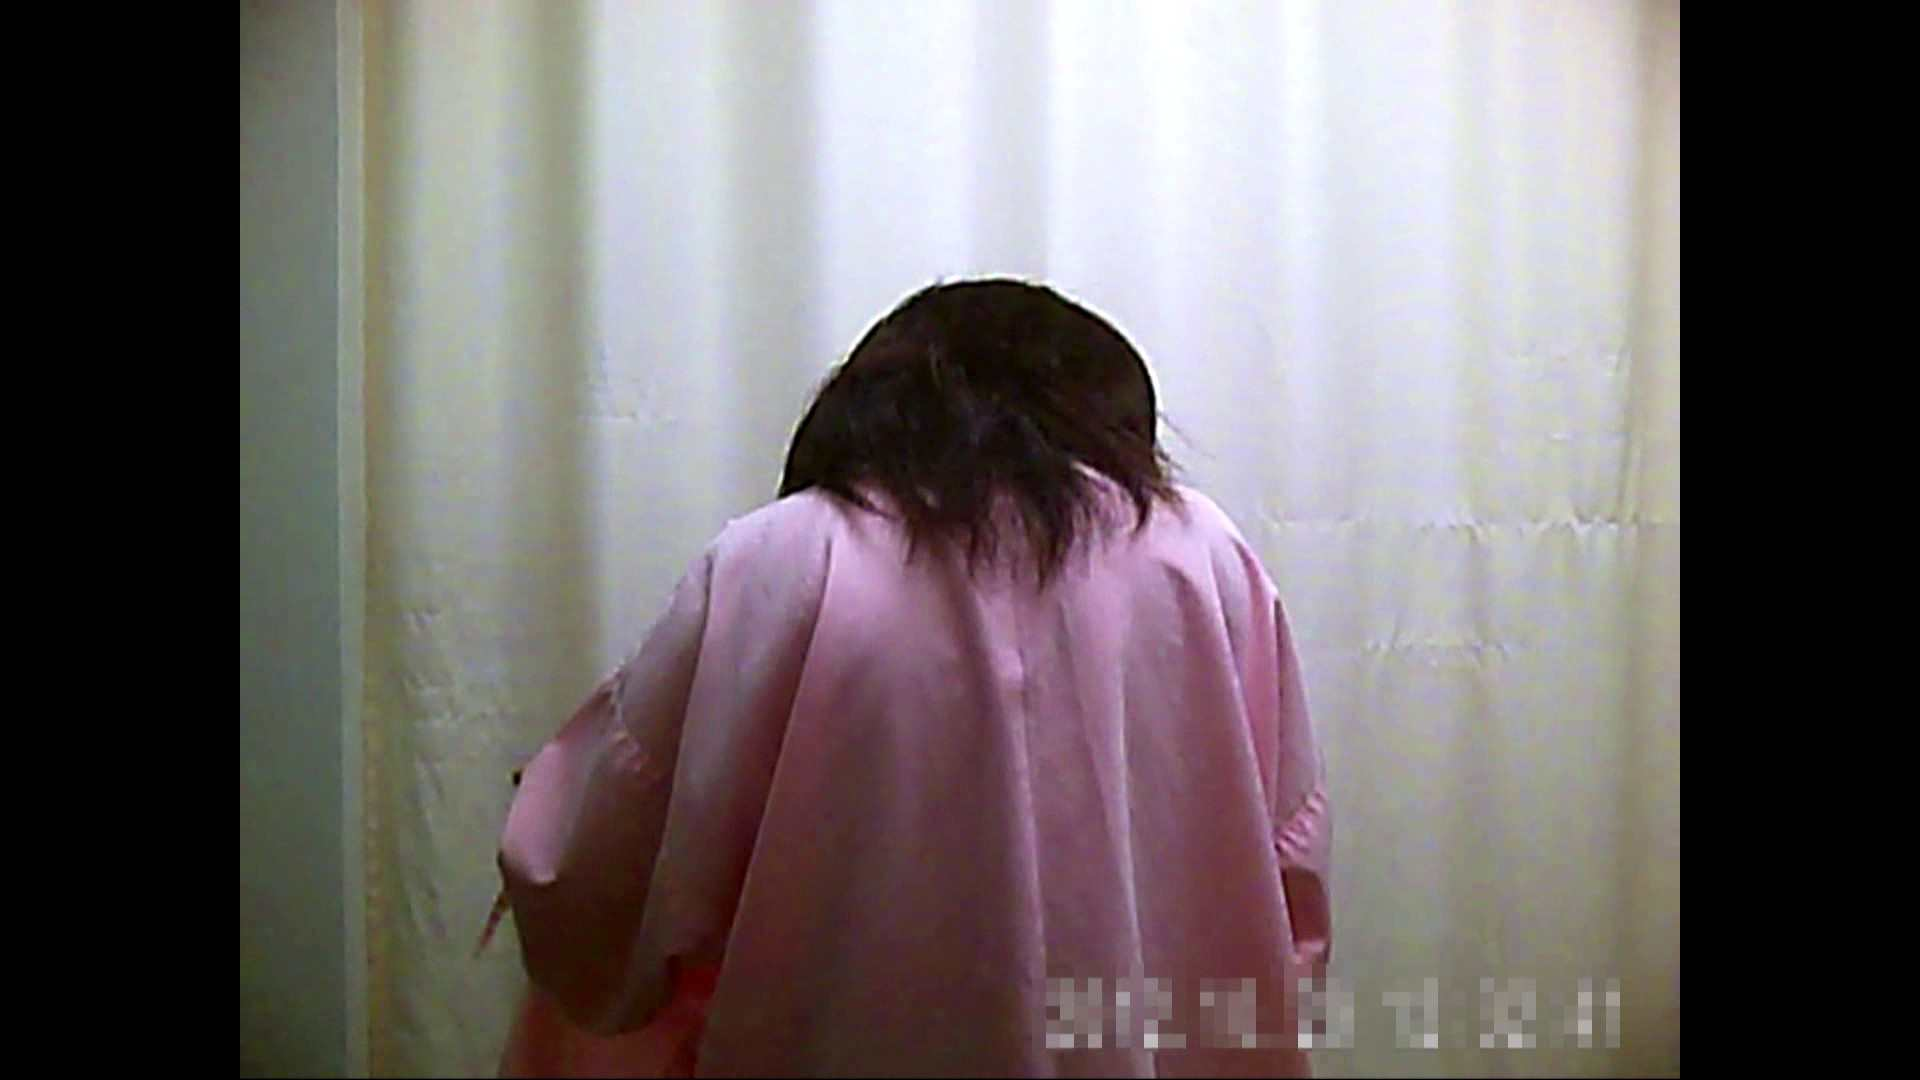 病院おもいっきり着替え! vol.222 乳首 AV動画キャプチャ 75pic 54